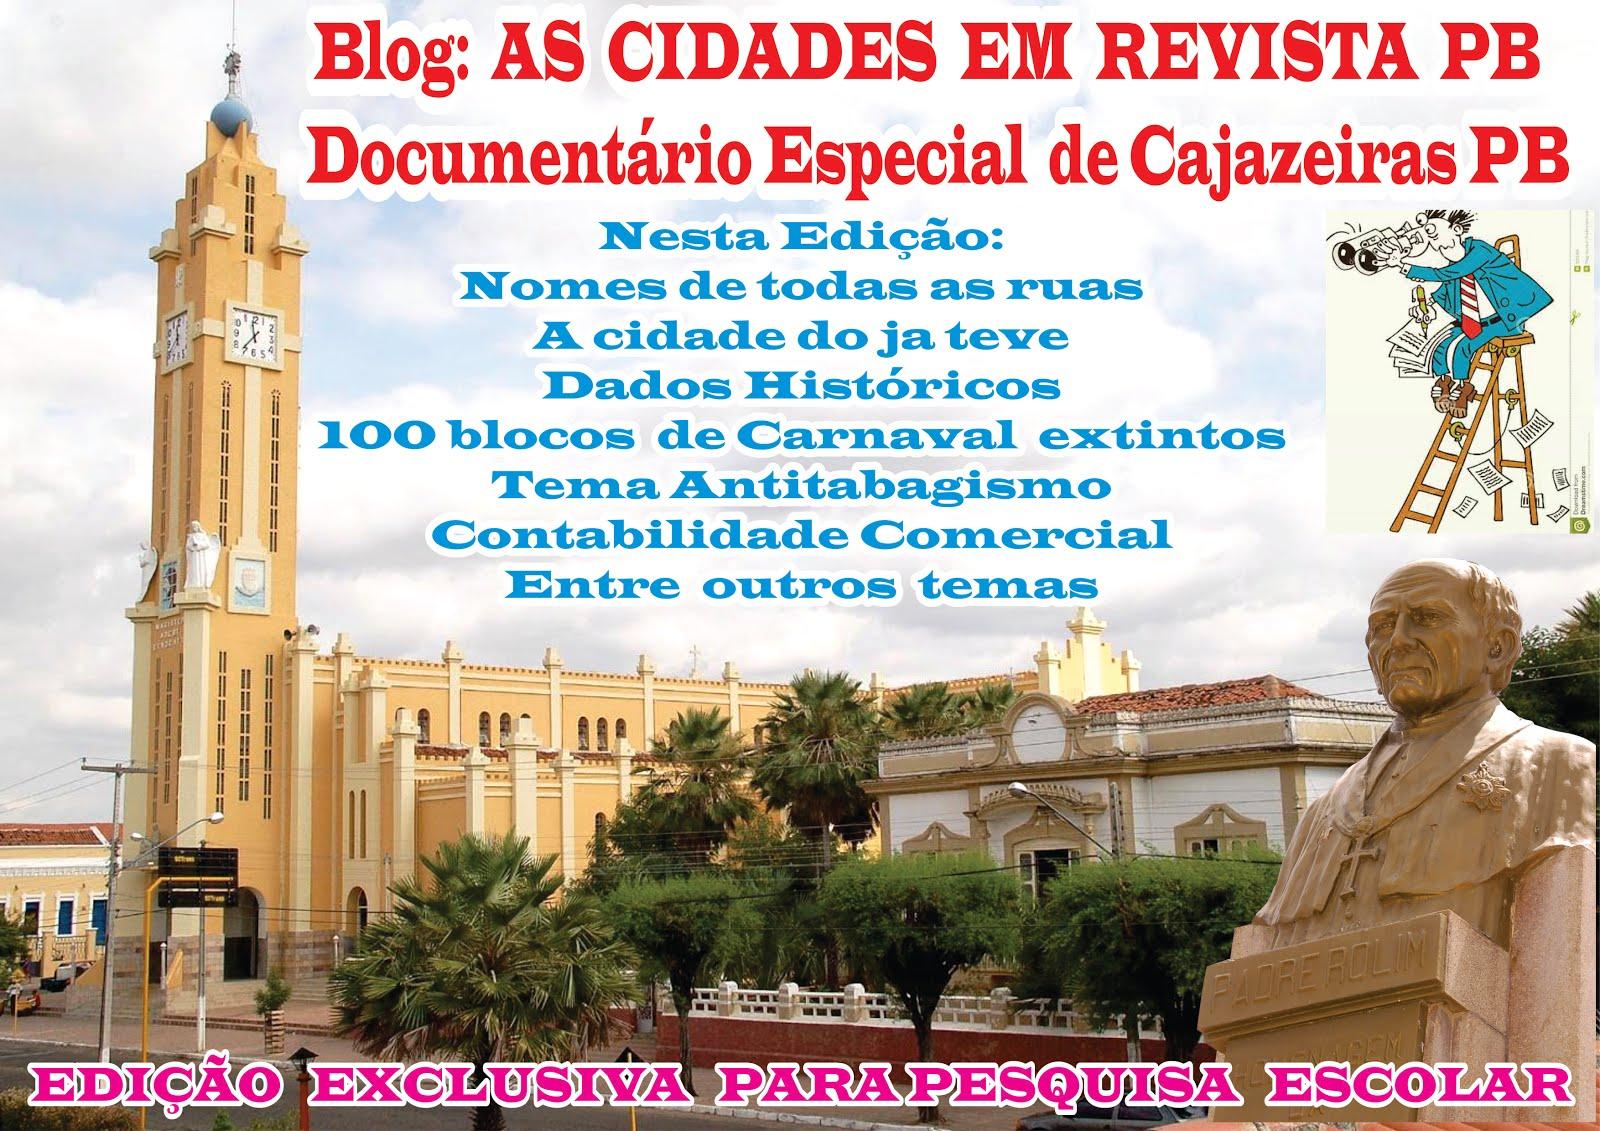 BLOG AS CIDADES  EM REVISTA LANÇA DOCUMENTÁRIO SOBRE CAJAZEIRAS PB